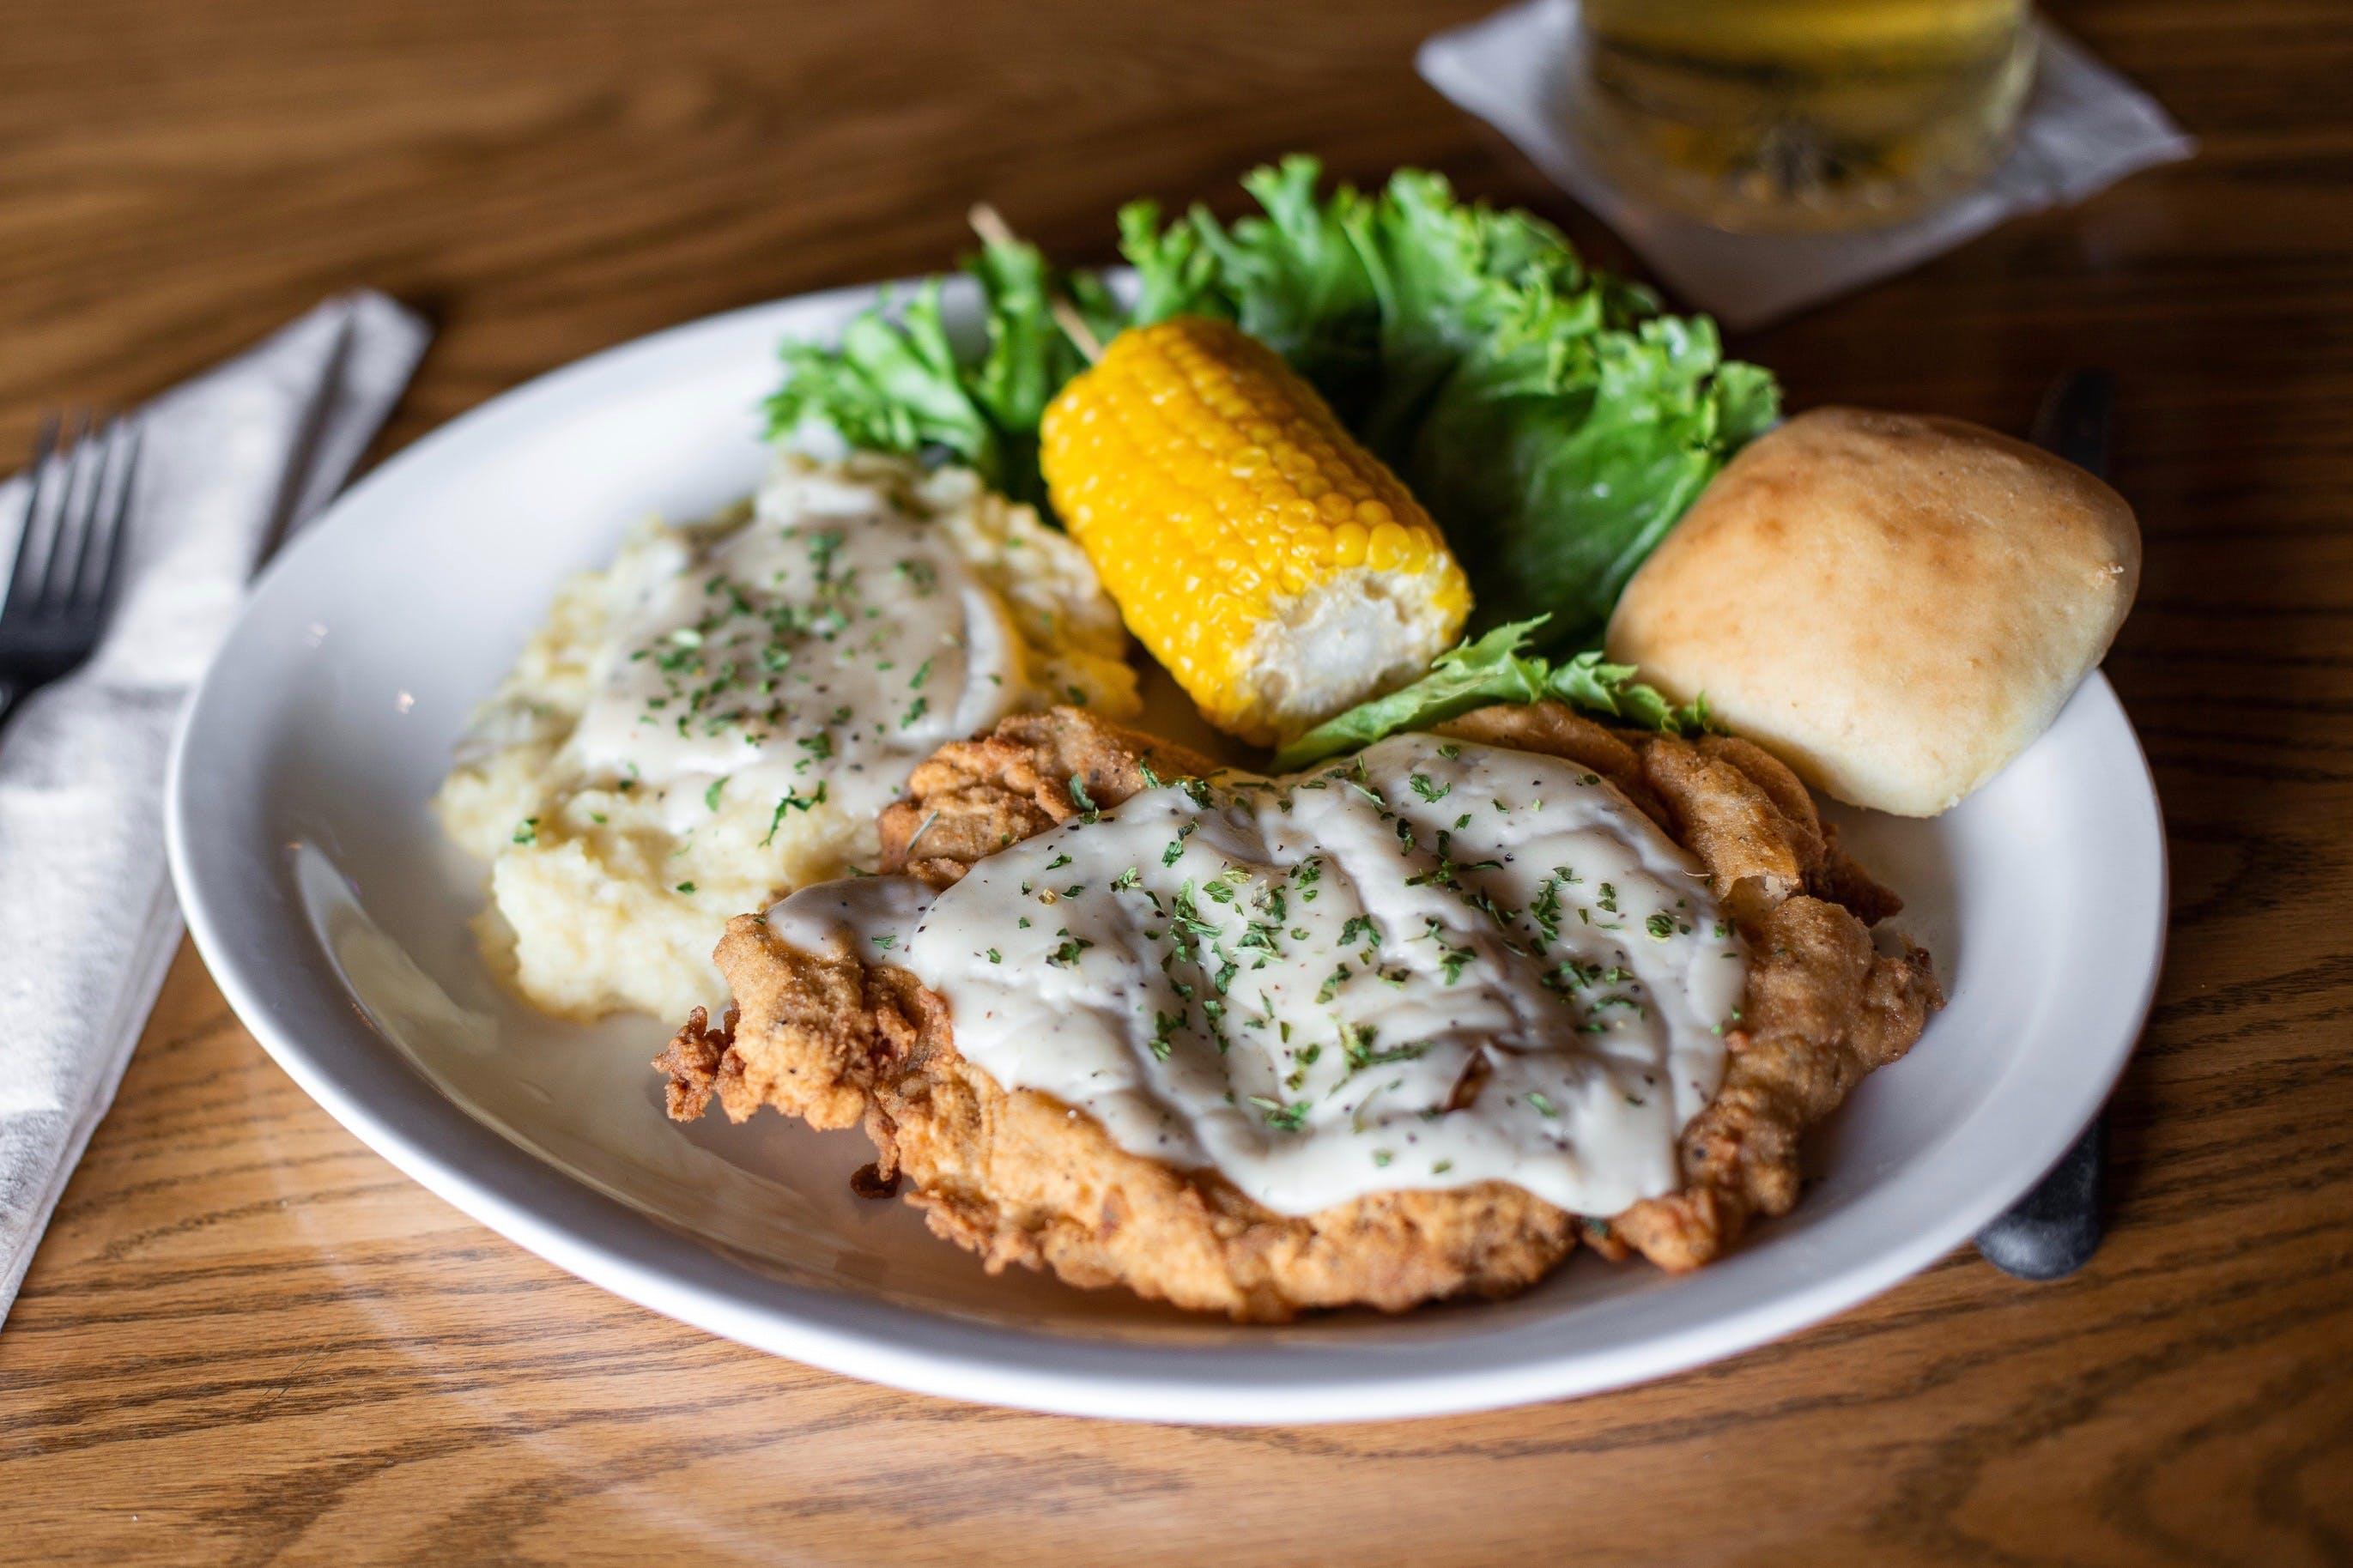 Chicken-Fried Steak from Set'em Up Jacks in Lawrence, KS